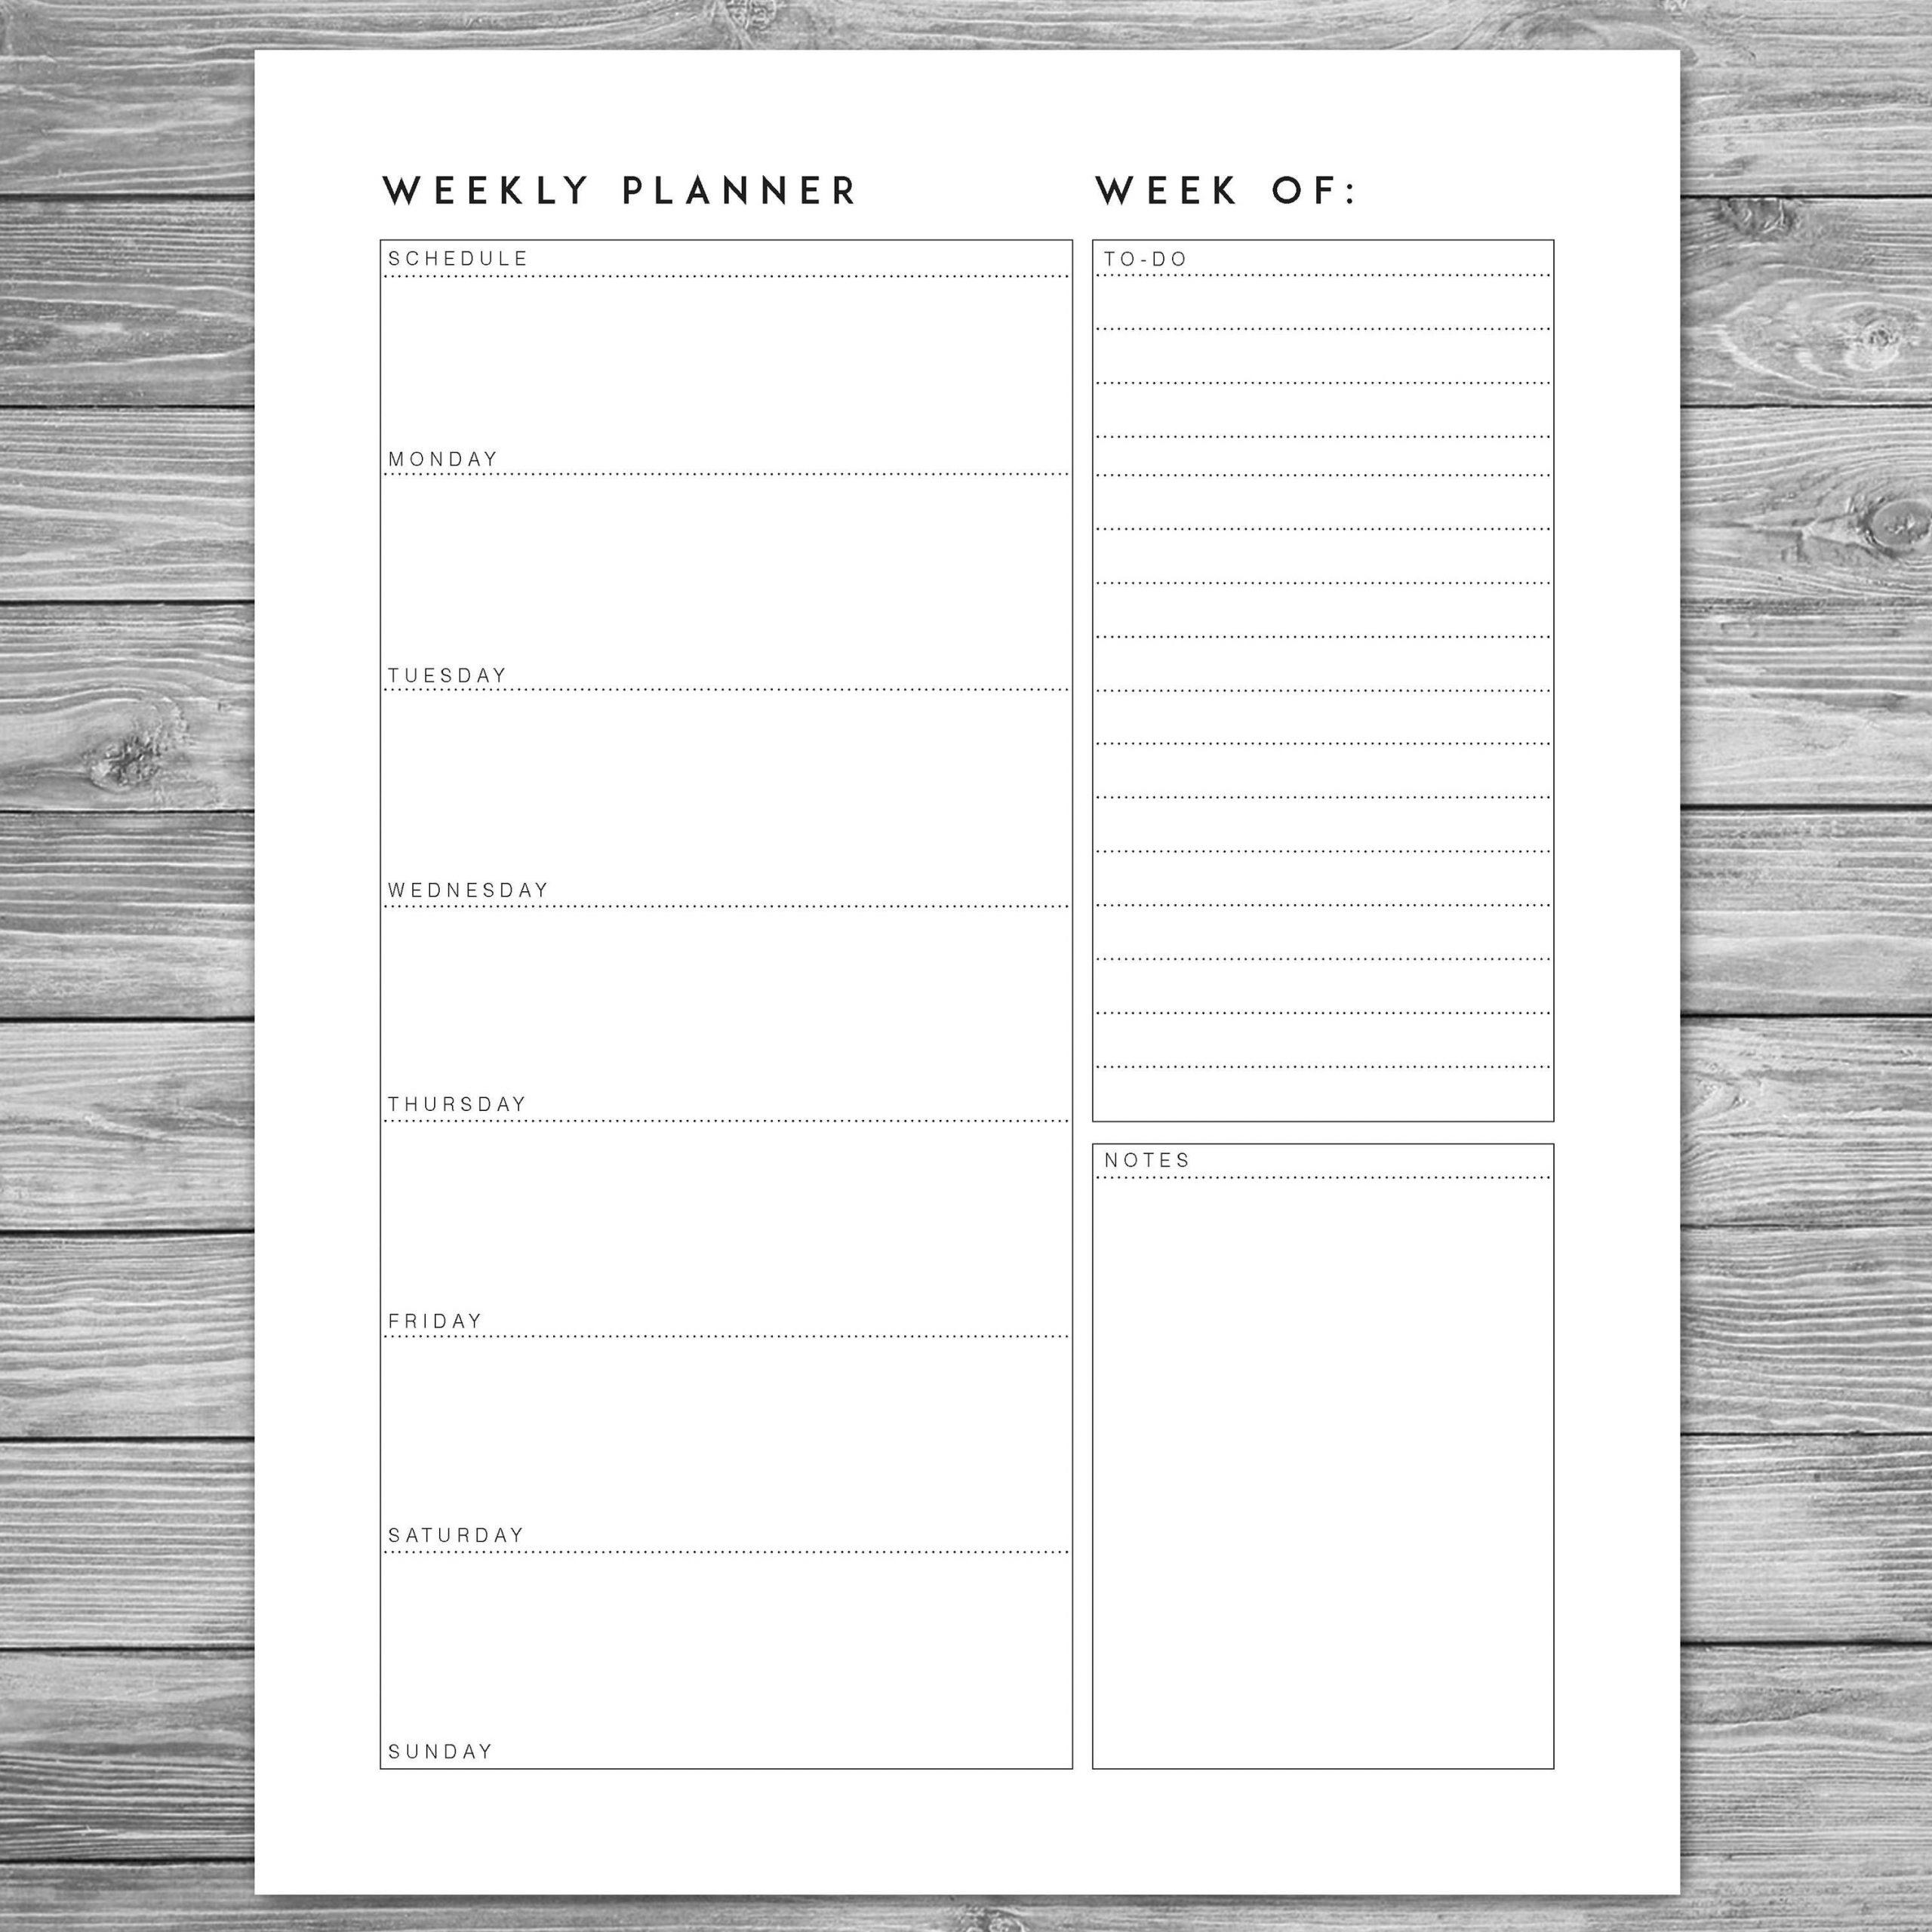 Printable Minimalist Weekly Planner, Weekly Schedule 8 Week Printable Timetable